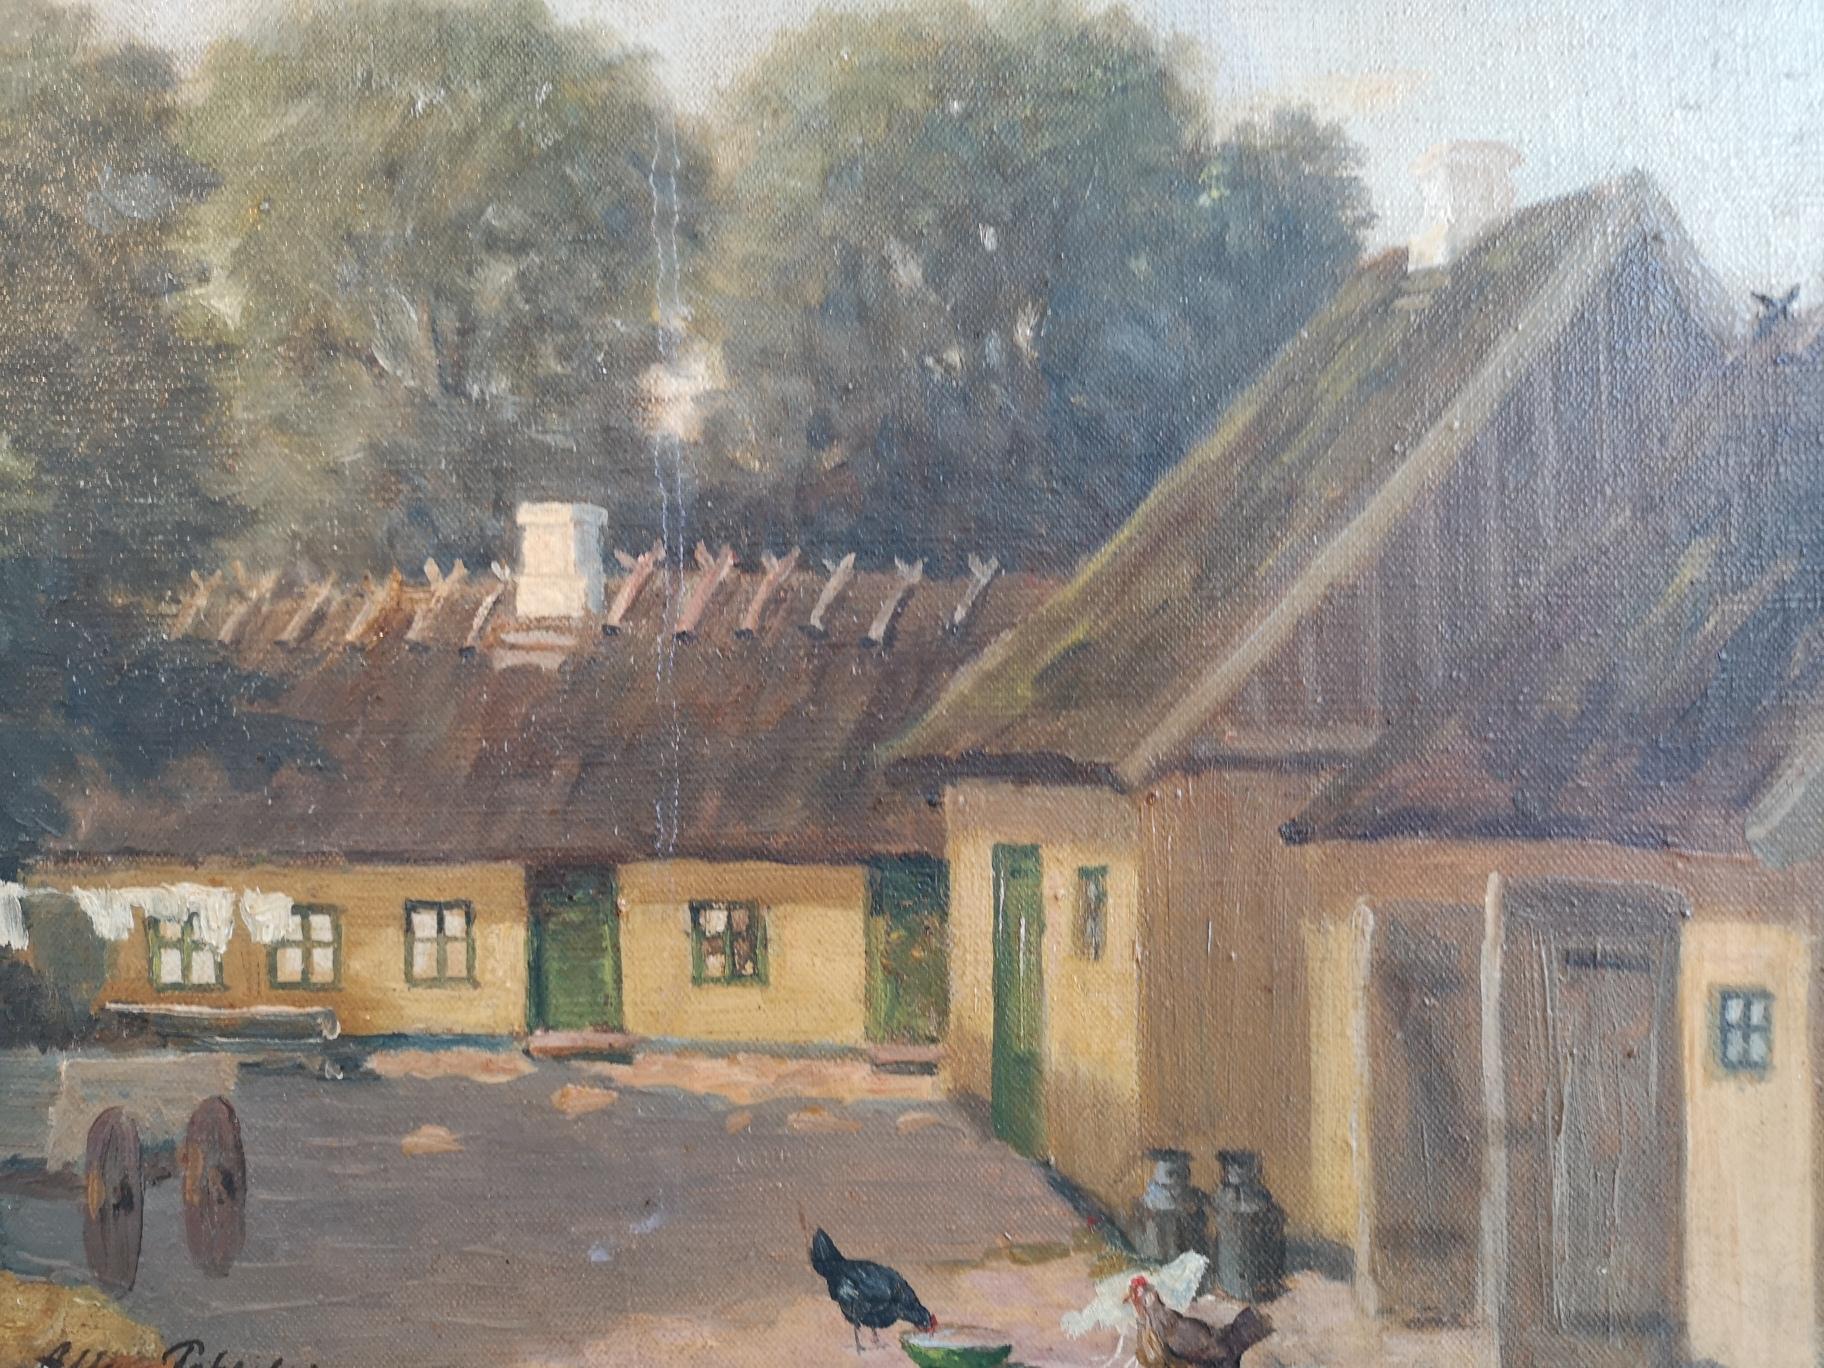 Maleri af gul gård med høns på gårdspladsen